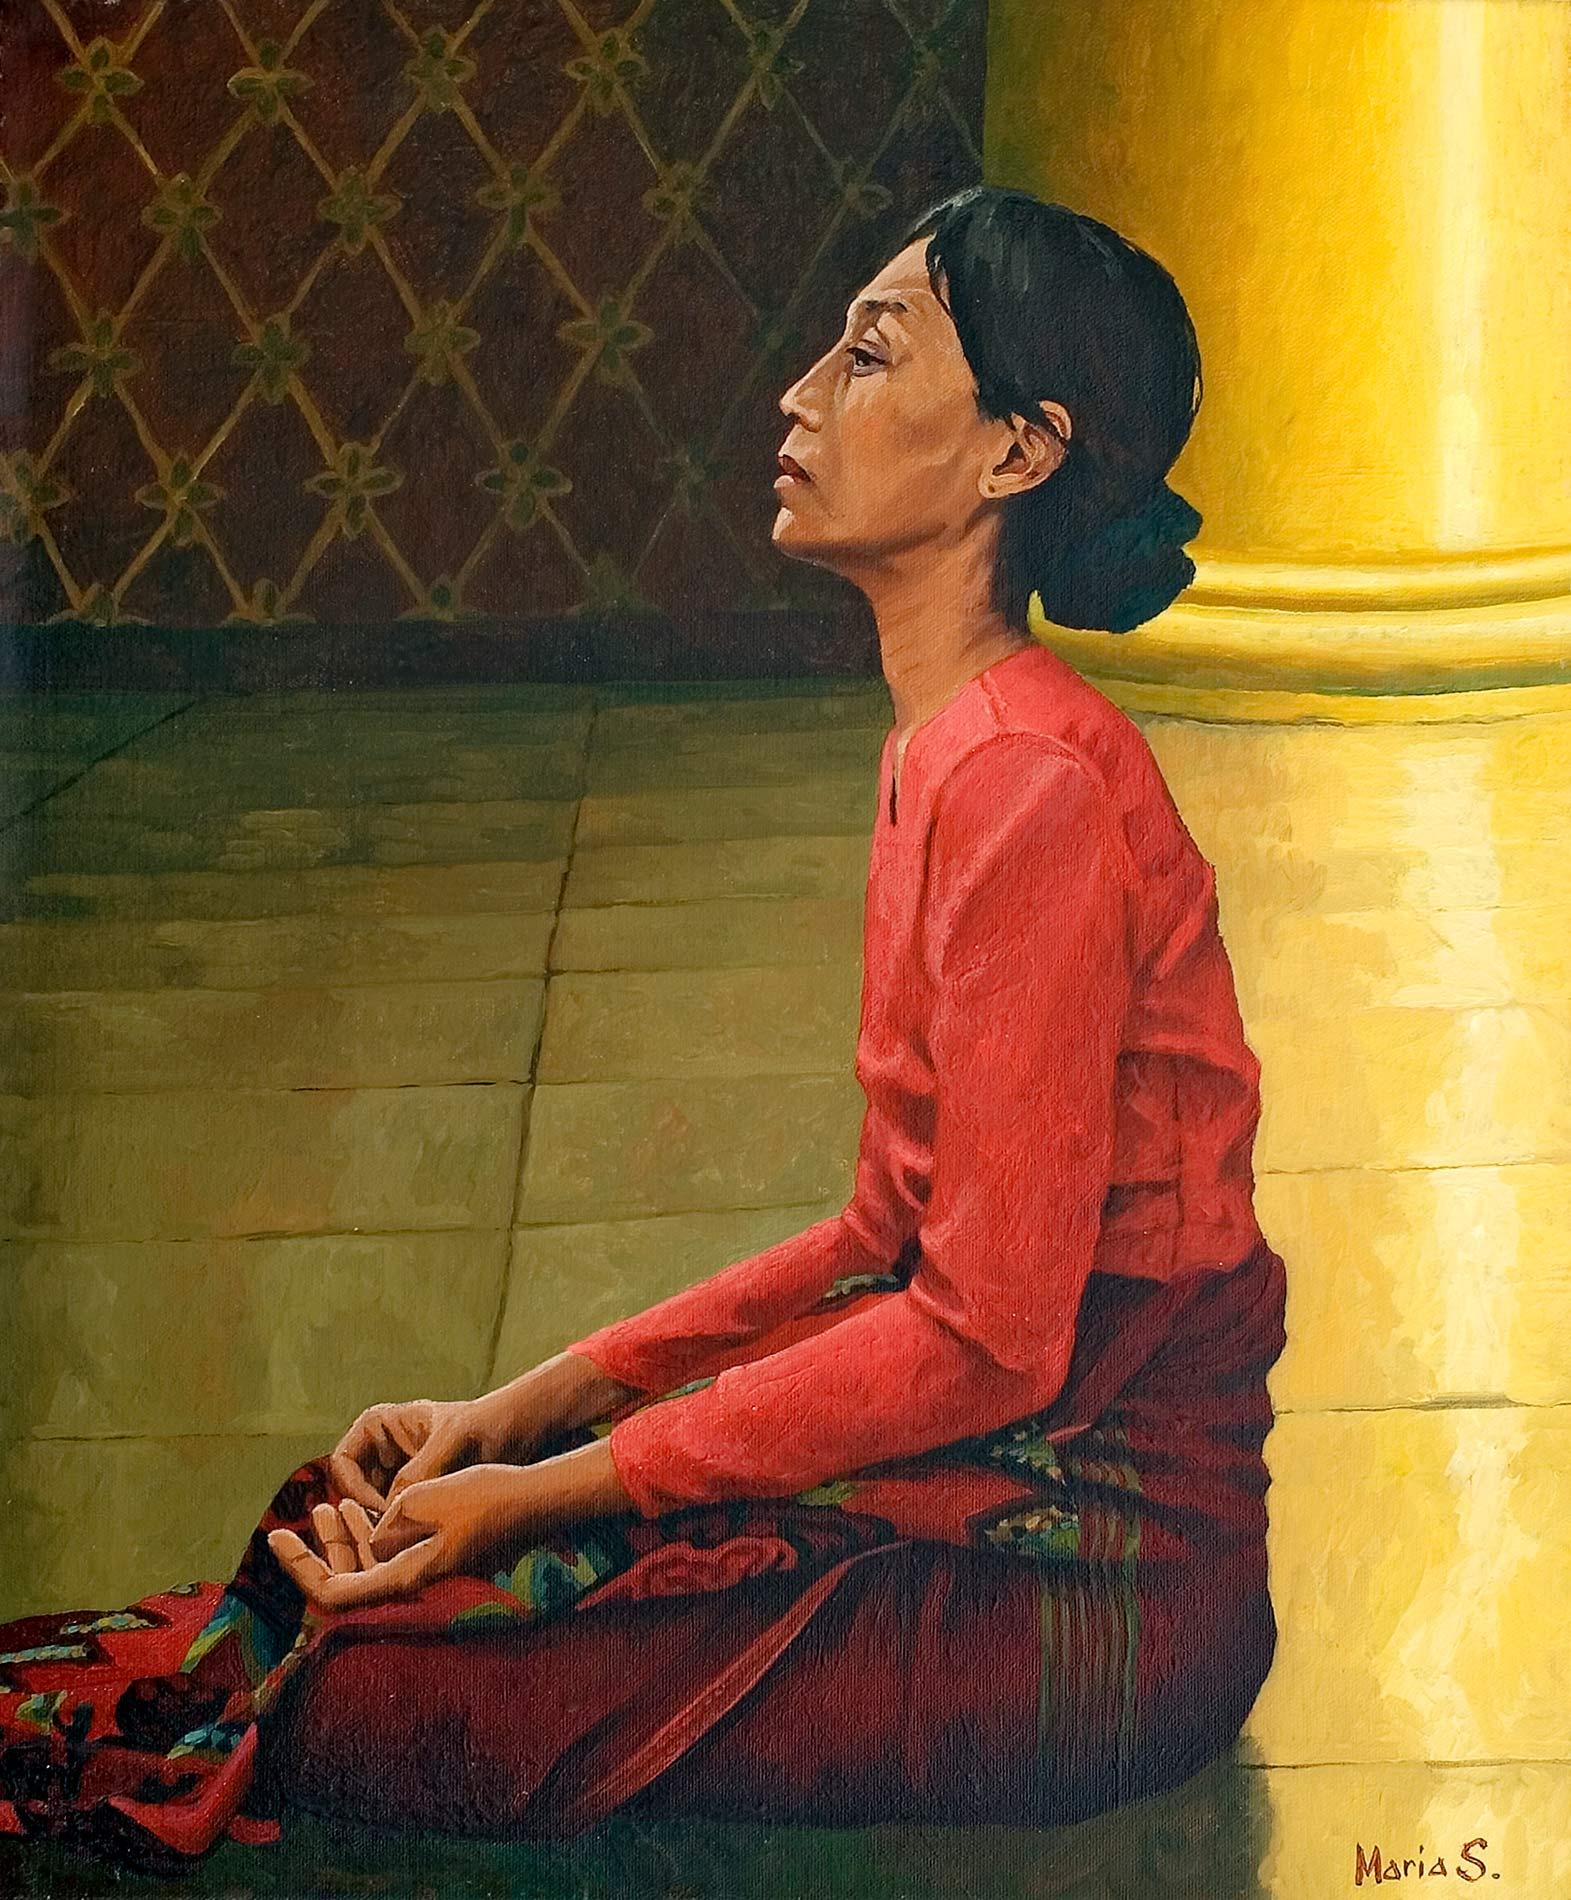 Femme au Shwedagon, Yangon